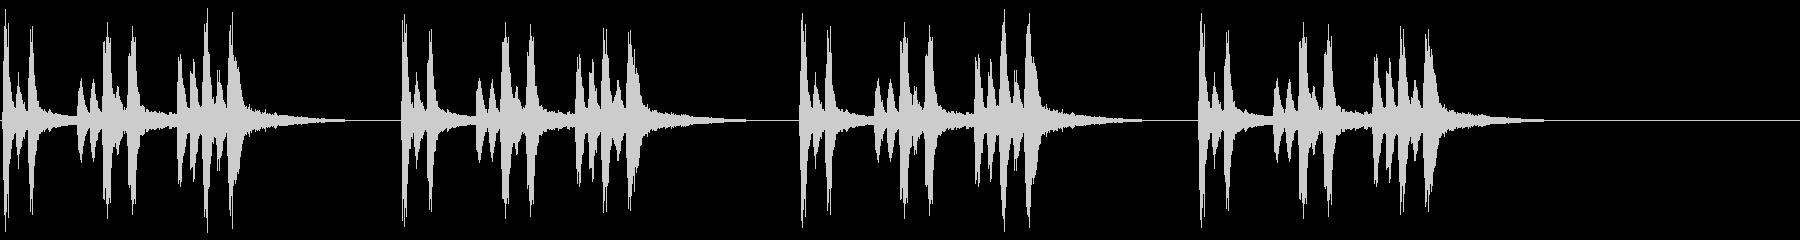 兵隊出動のトランペットファンファーレの未再生の波形